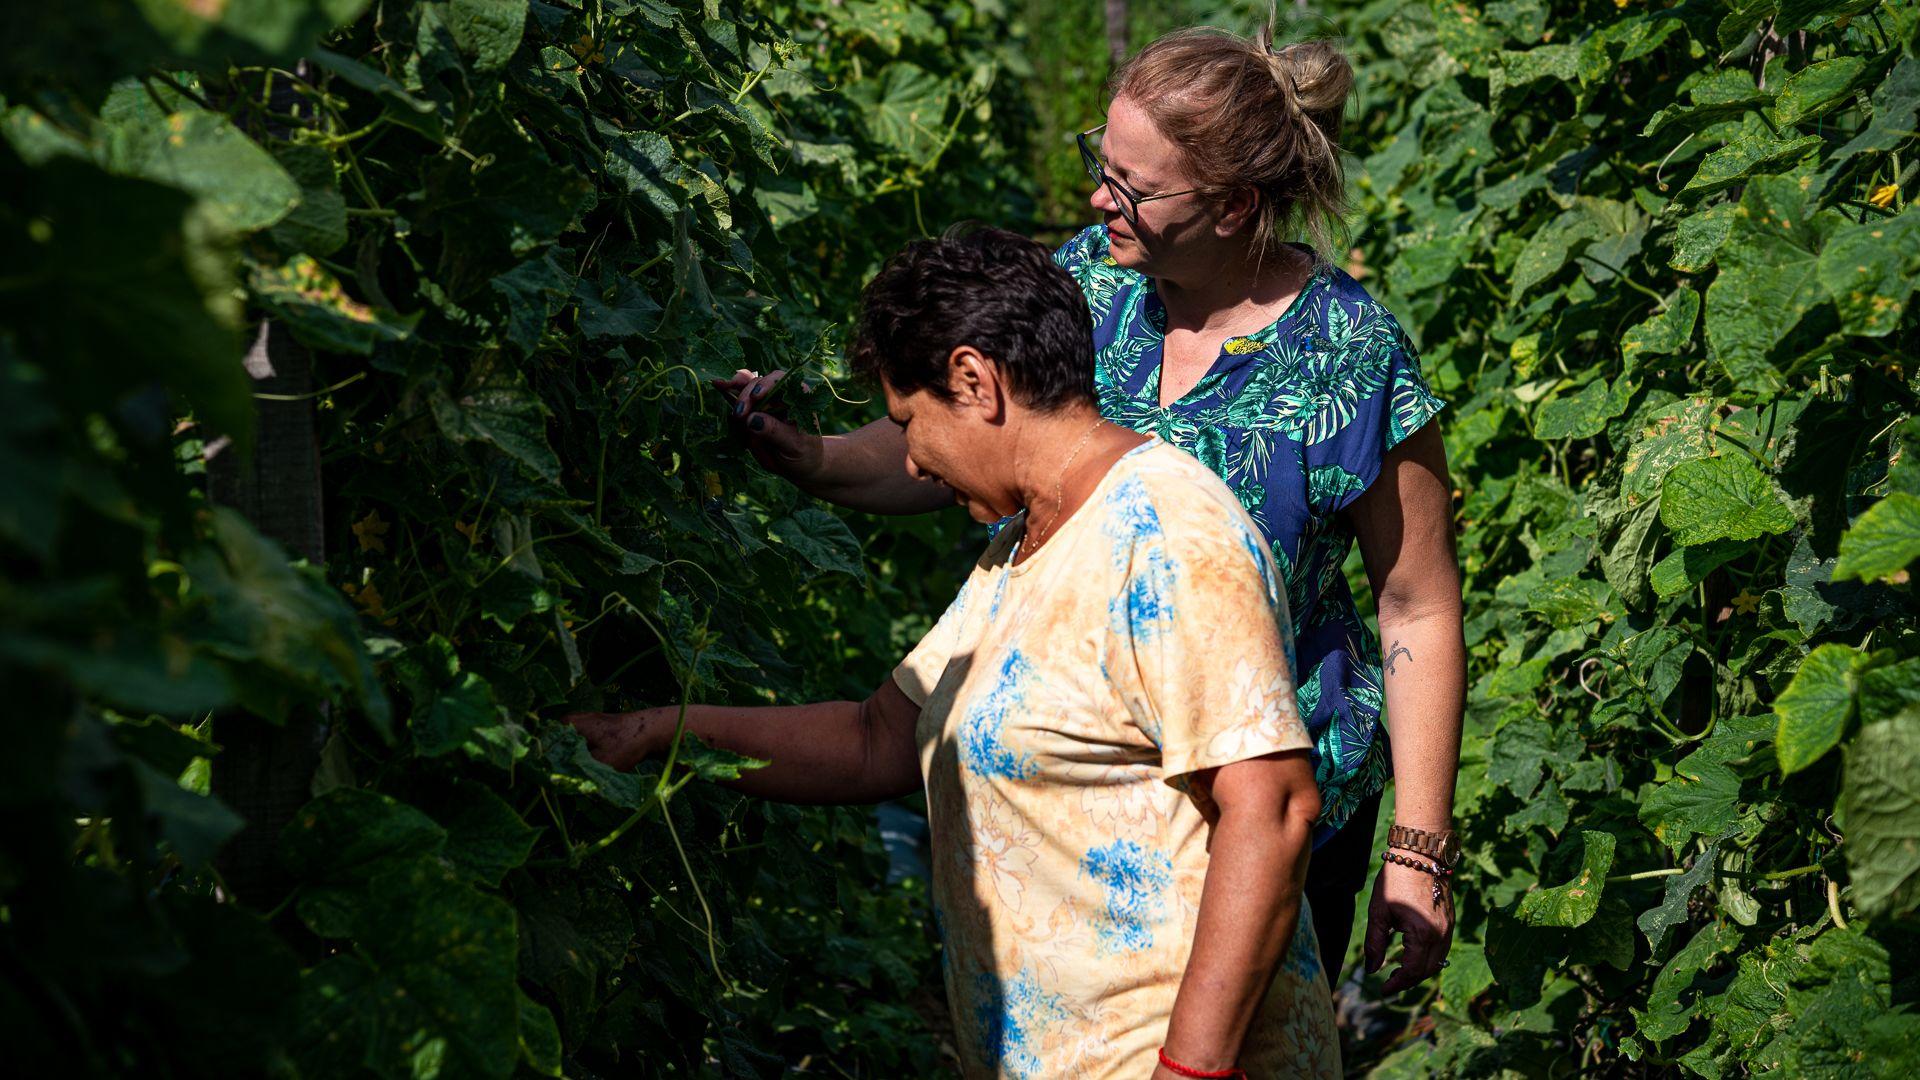 Uborkatermesztéssel segít a szegényeken a szalatnaki polgármester